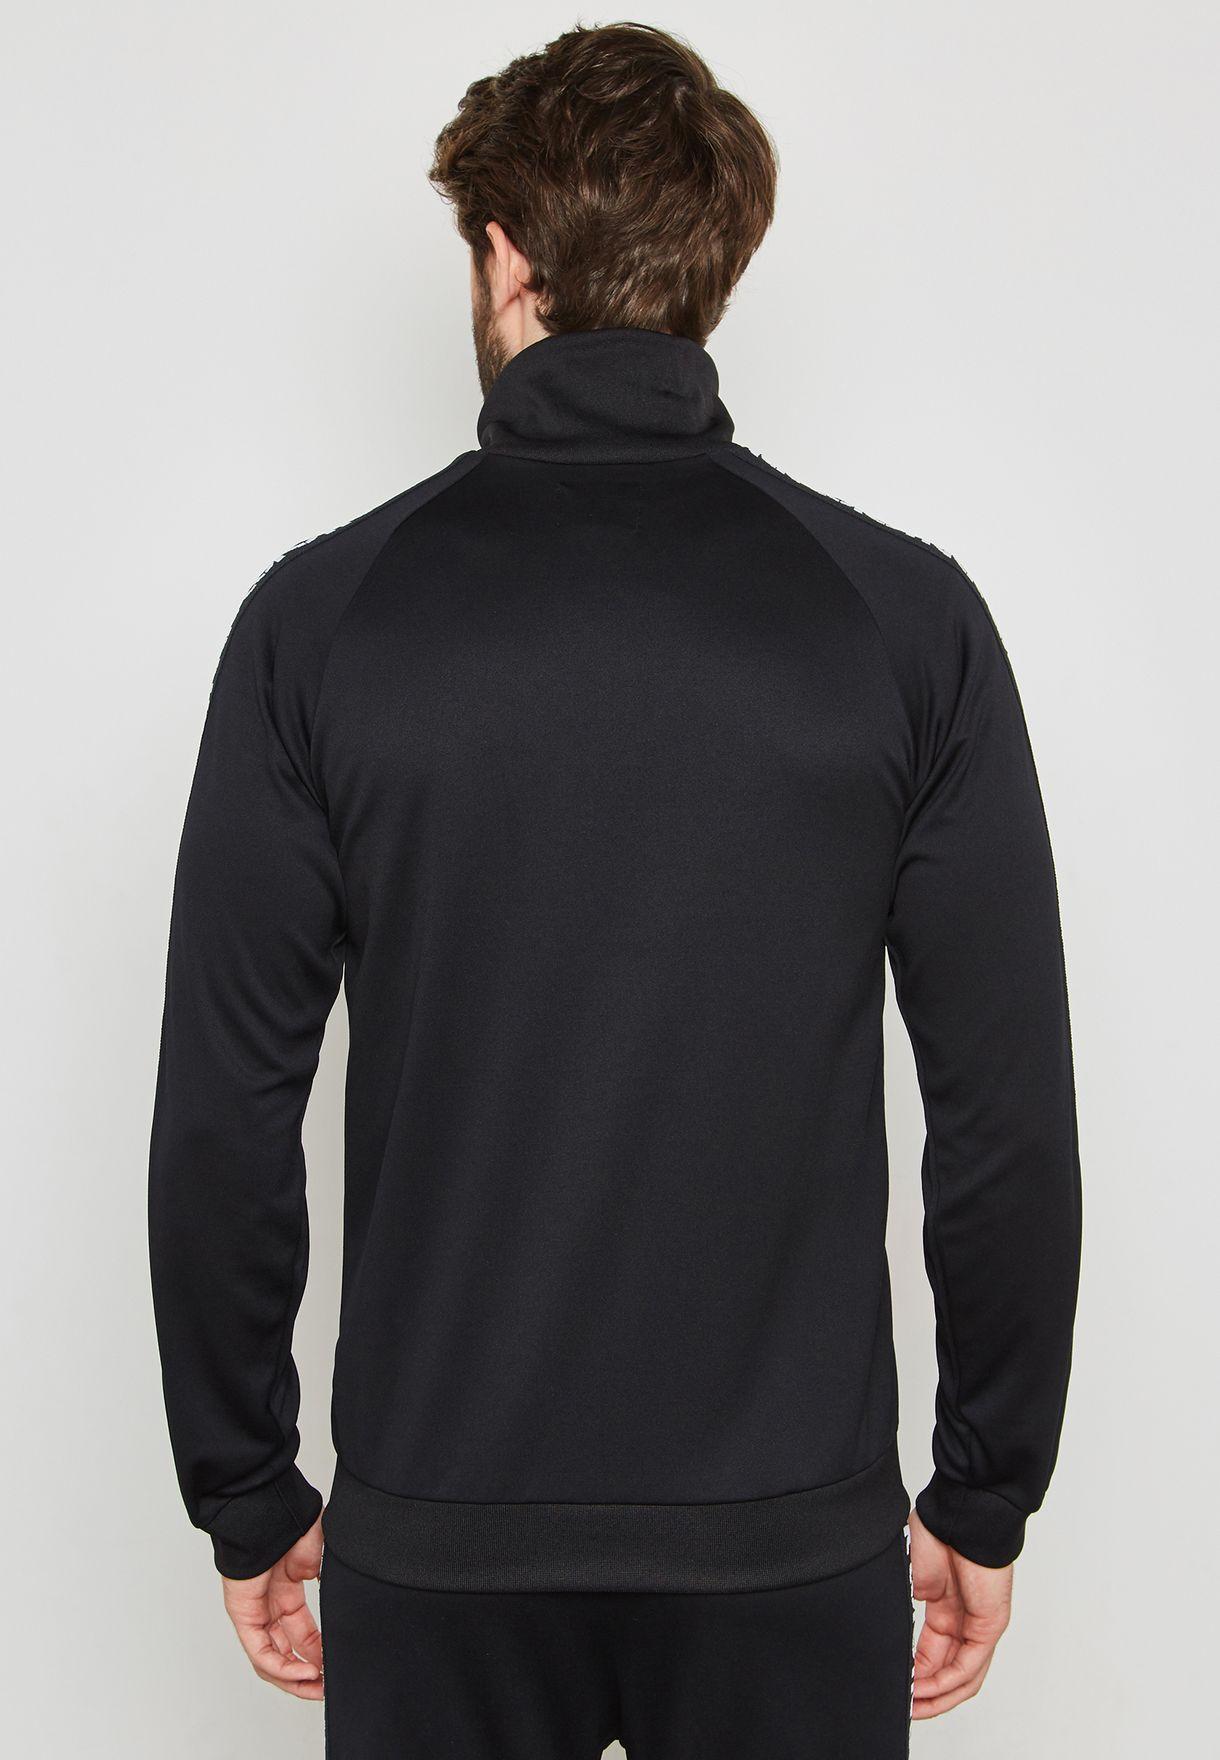 LT Jacket